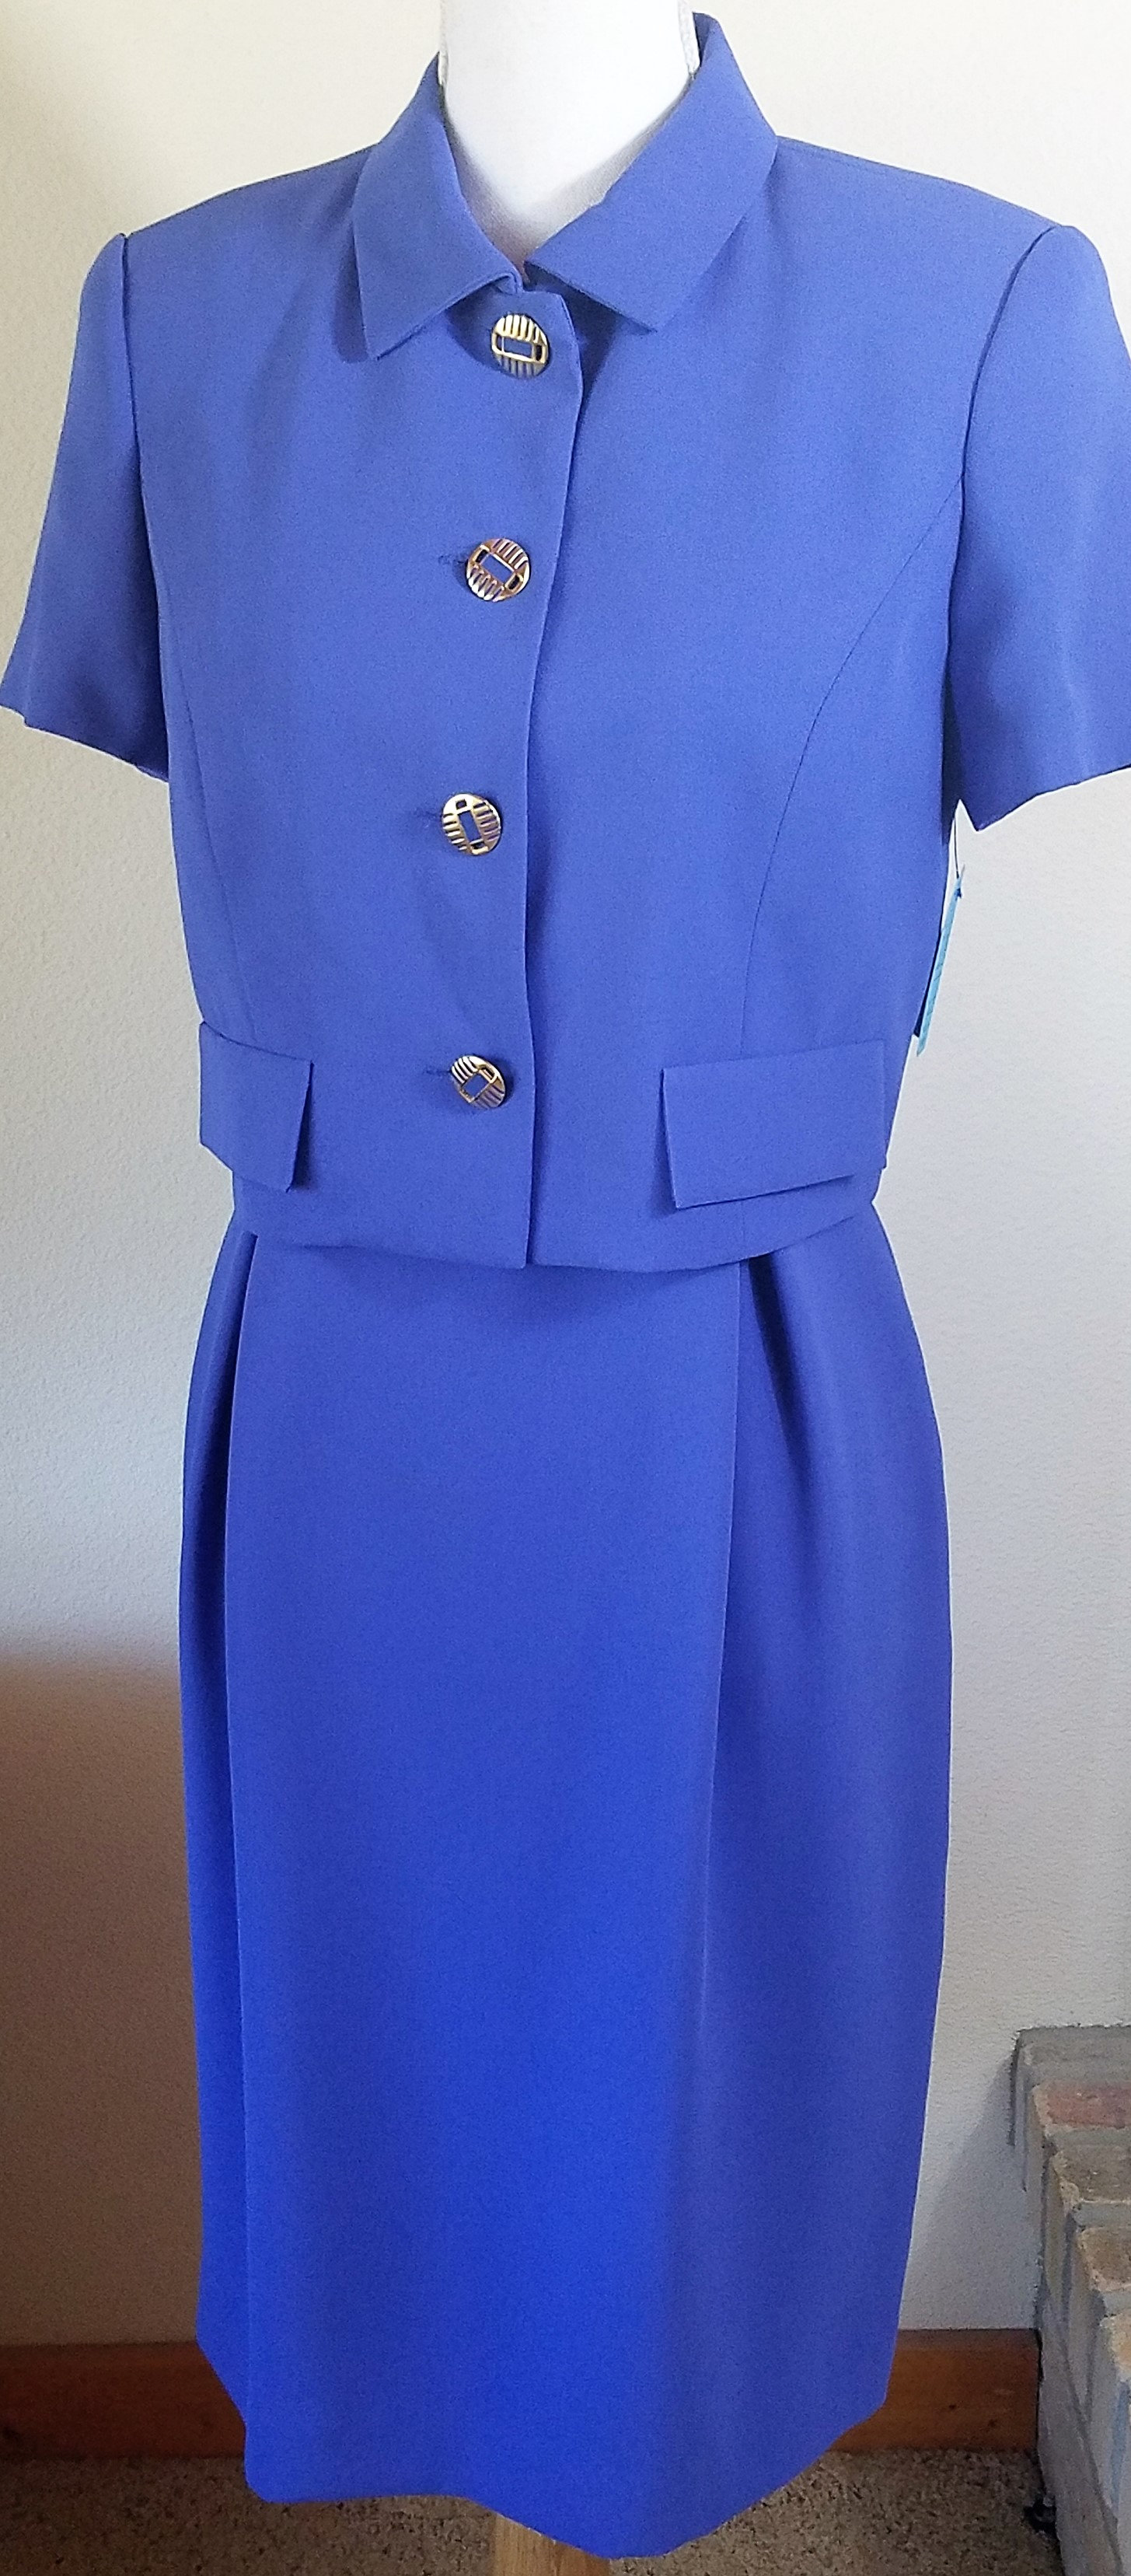 Liz Claiborne Dress Suit, Size 4 SOLD